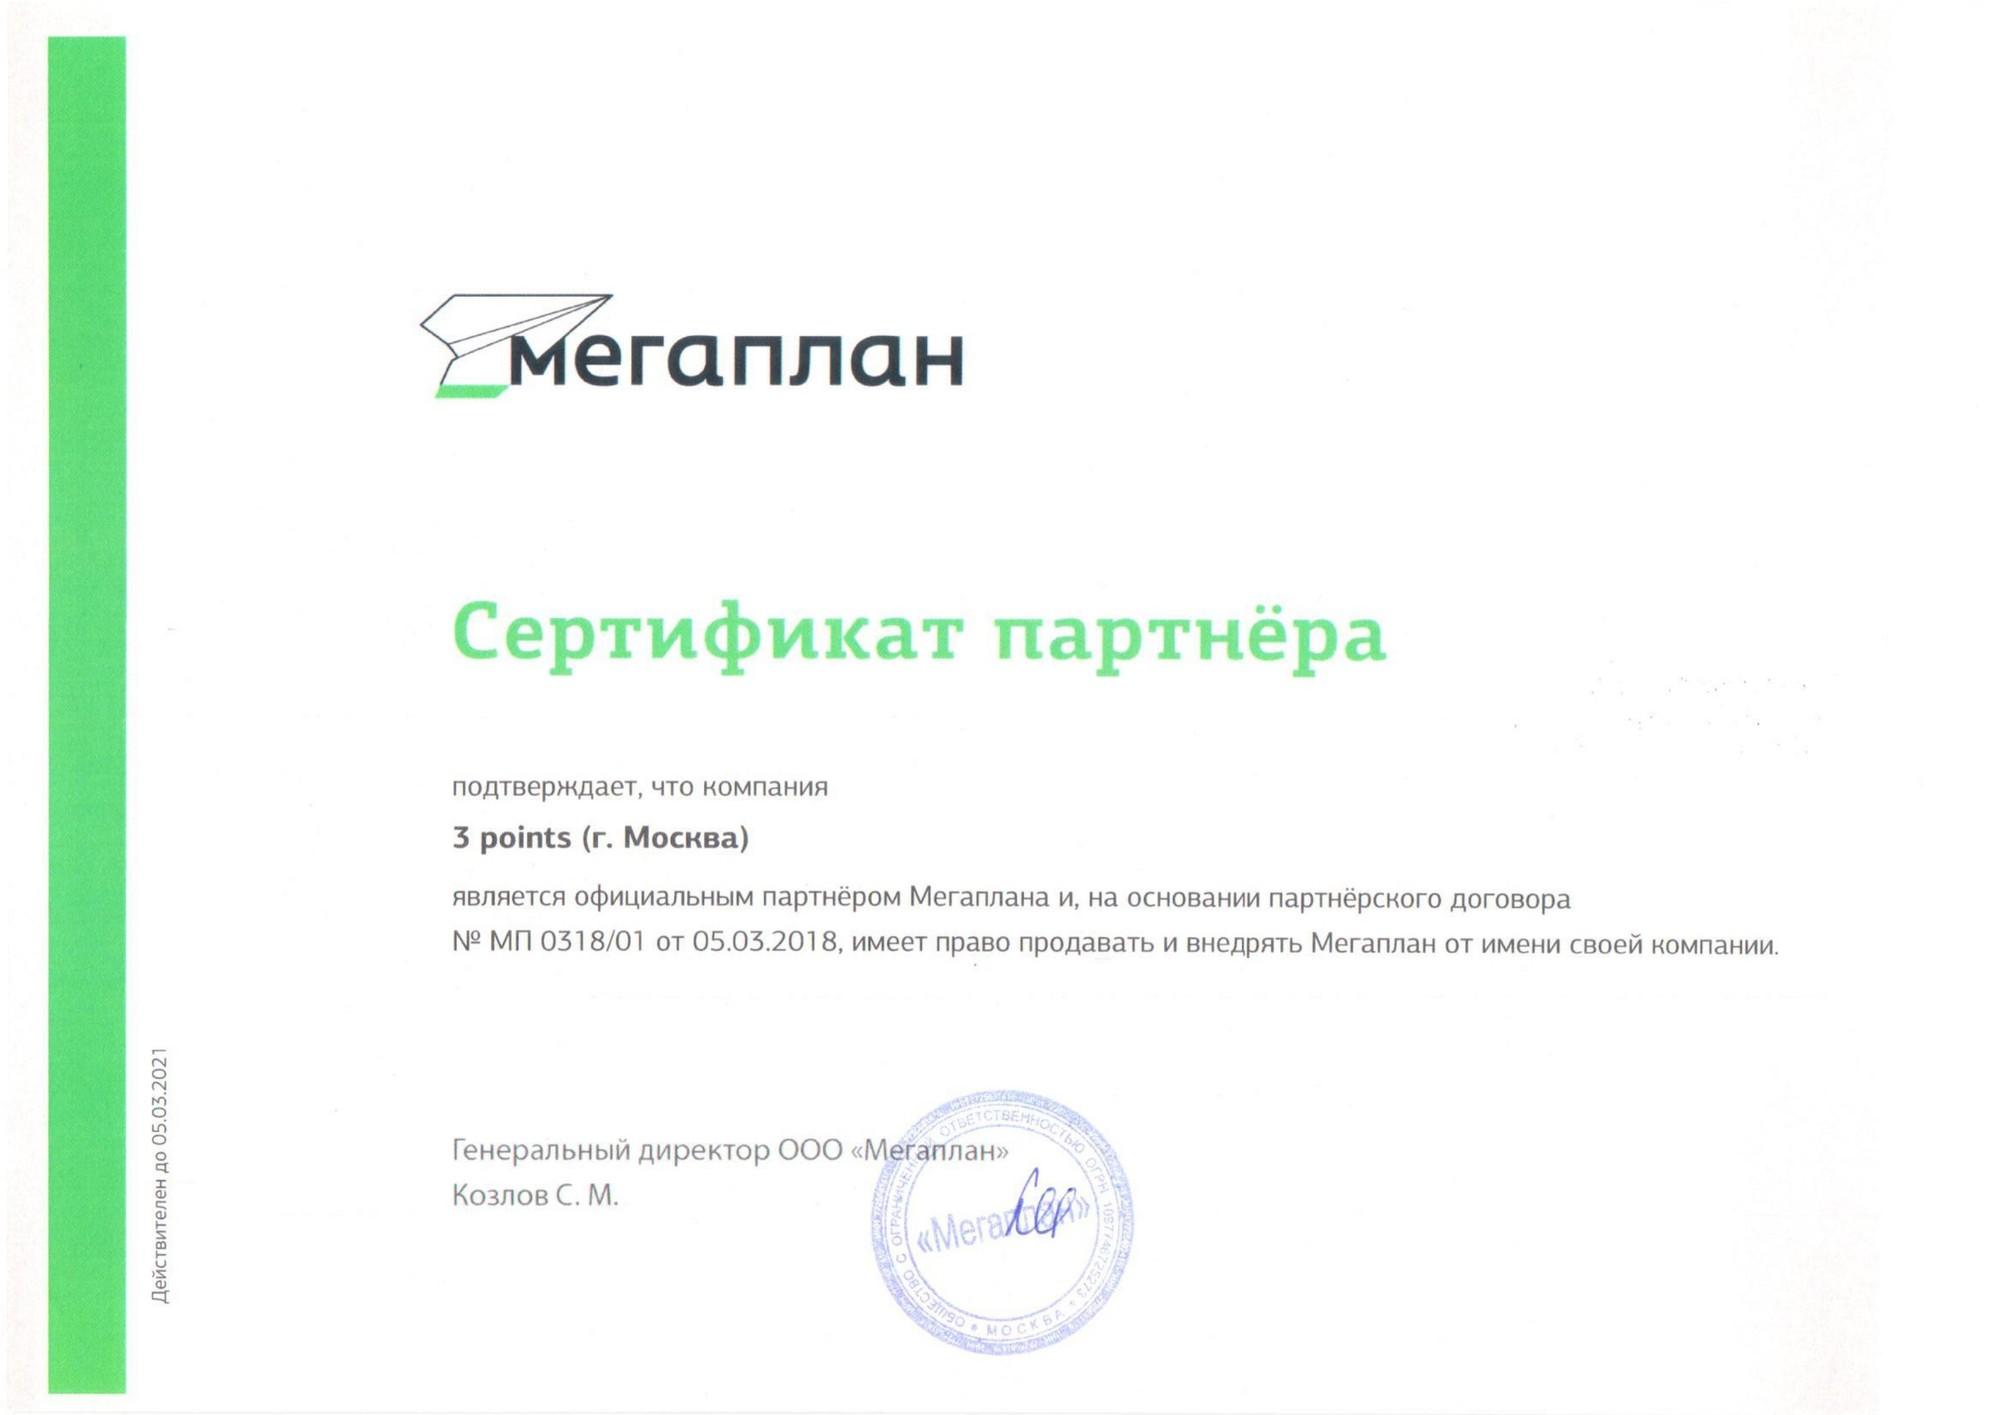 Сертифицированный партнер Мегаплан